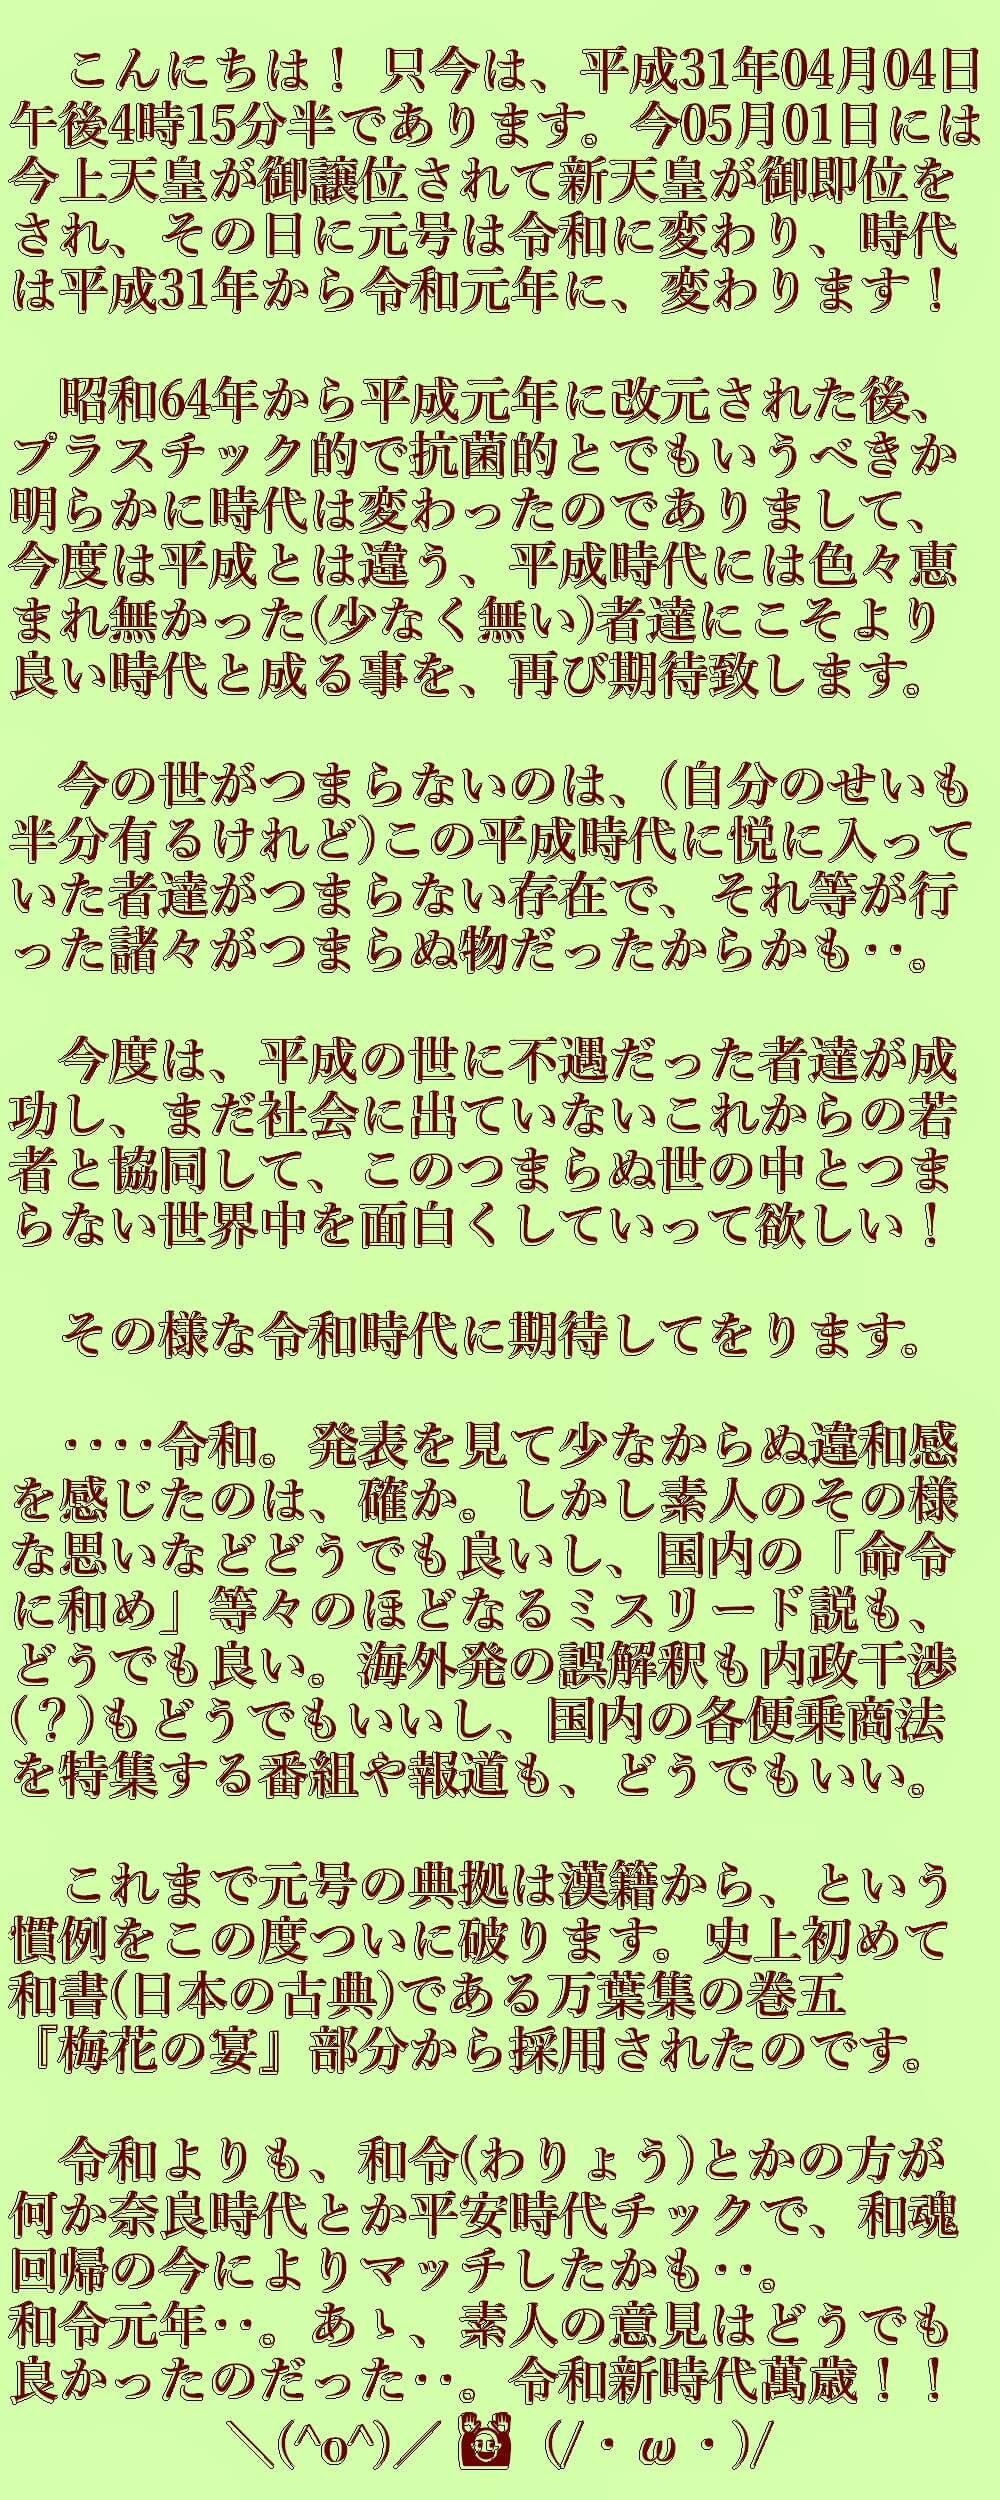 f:id:oomoroitakugoro:20190404194831670j:plain